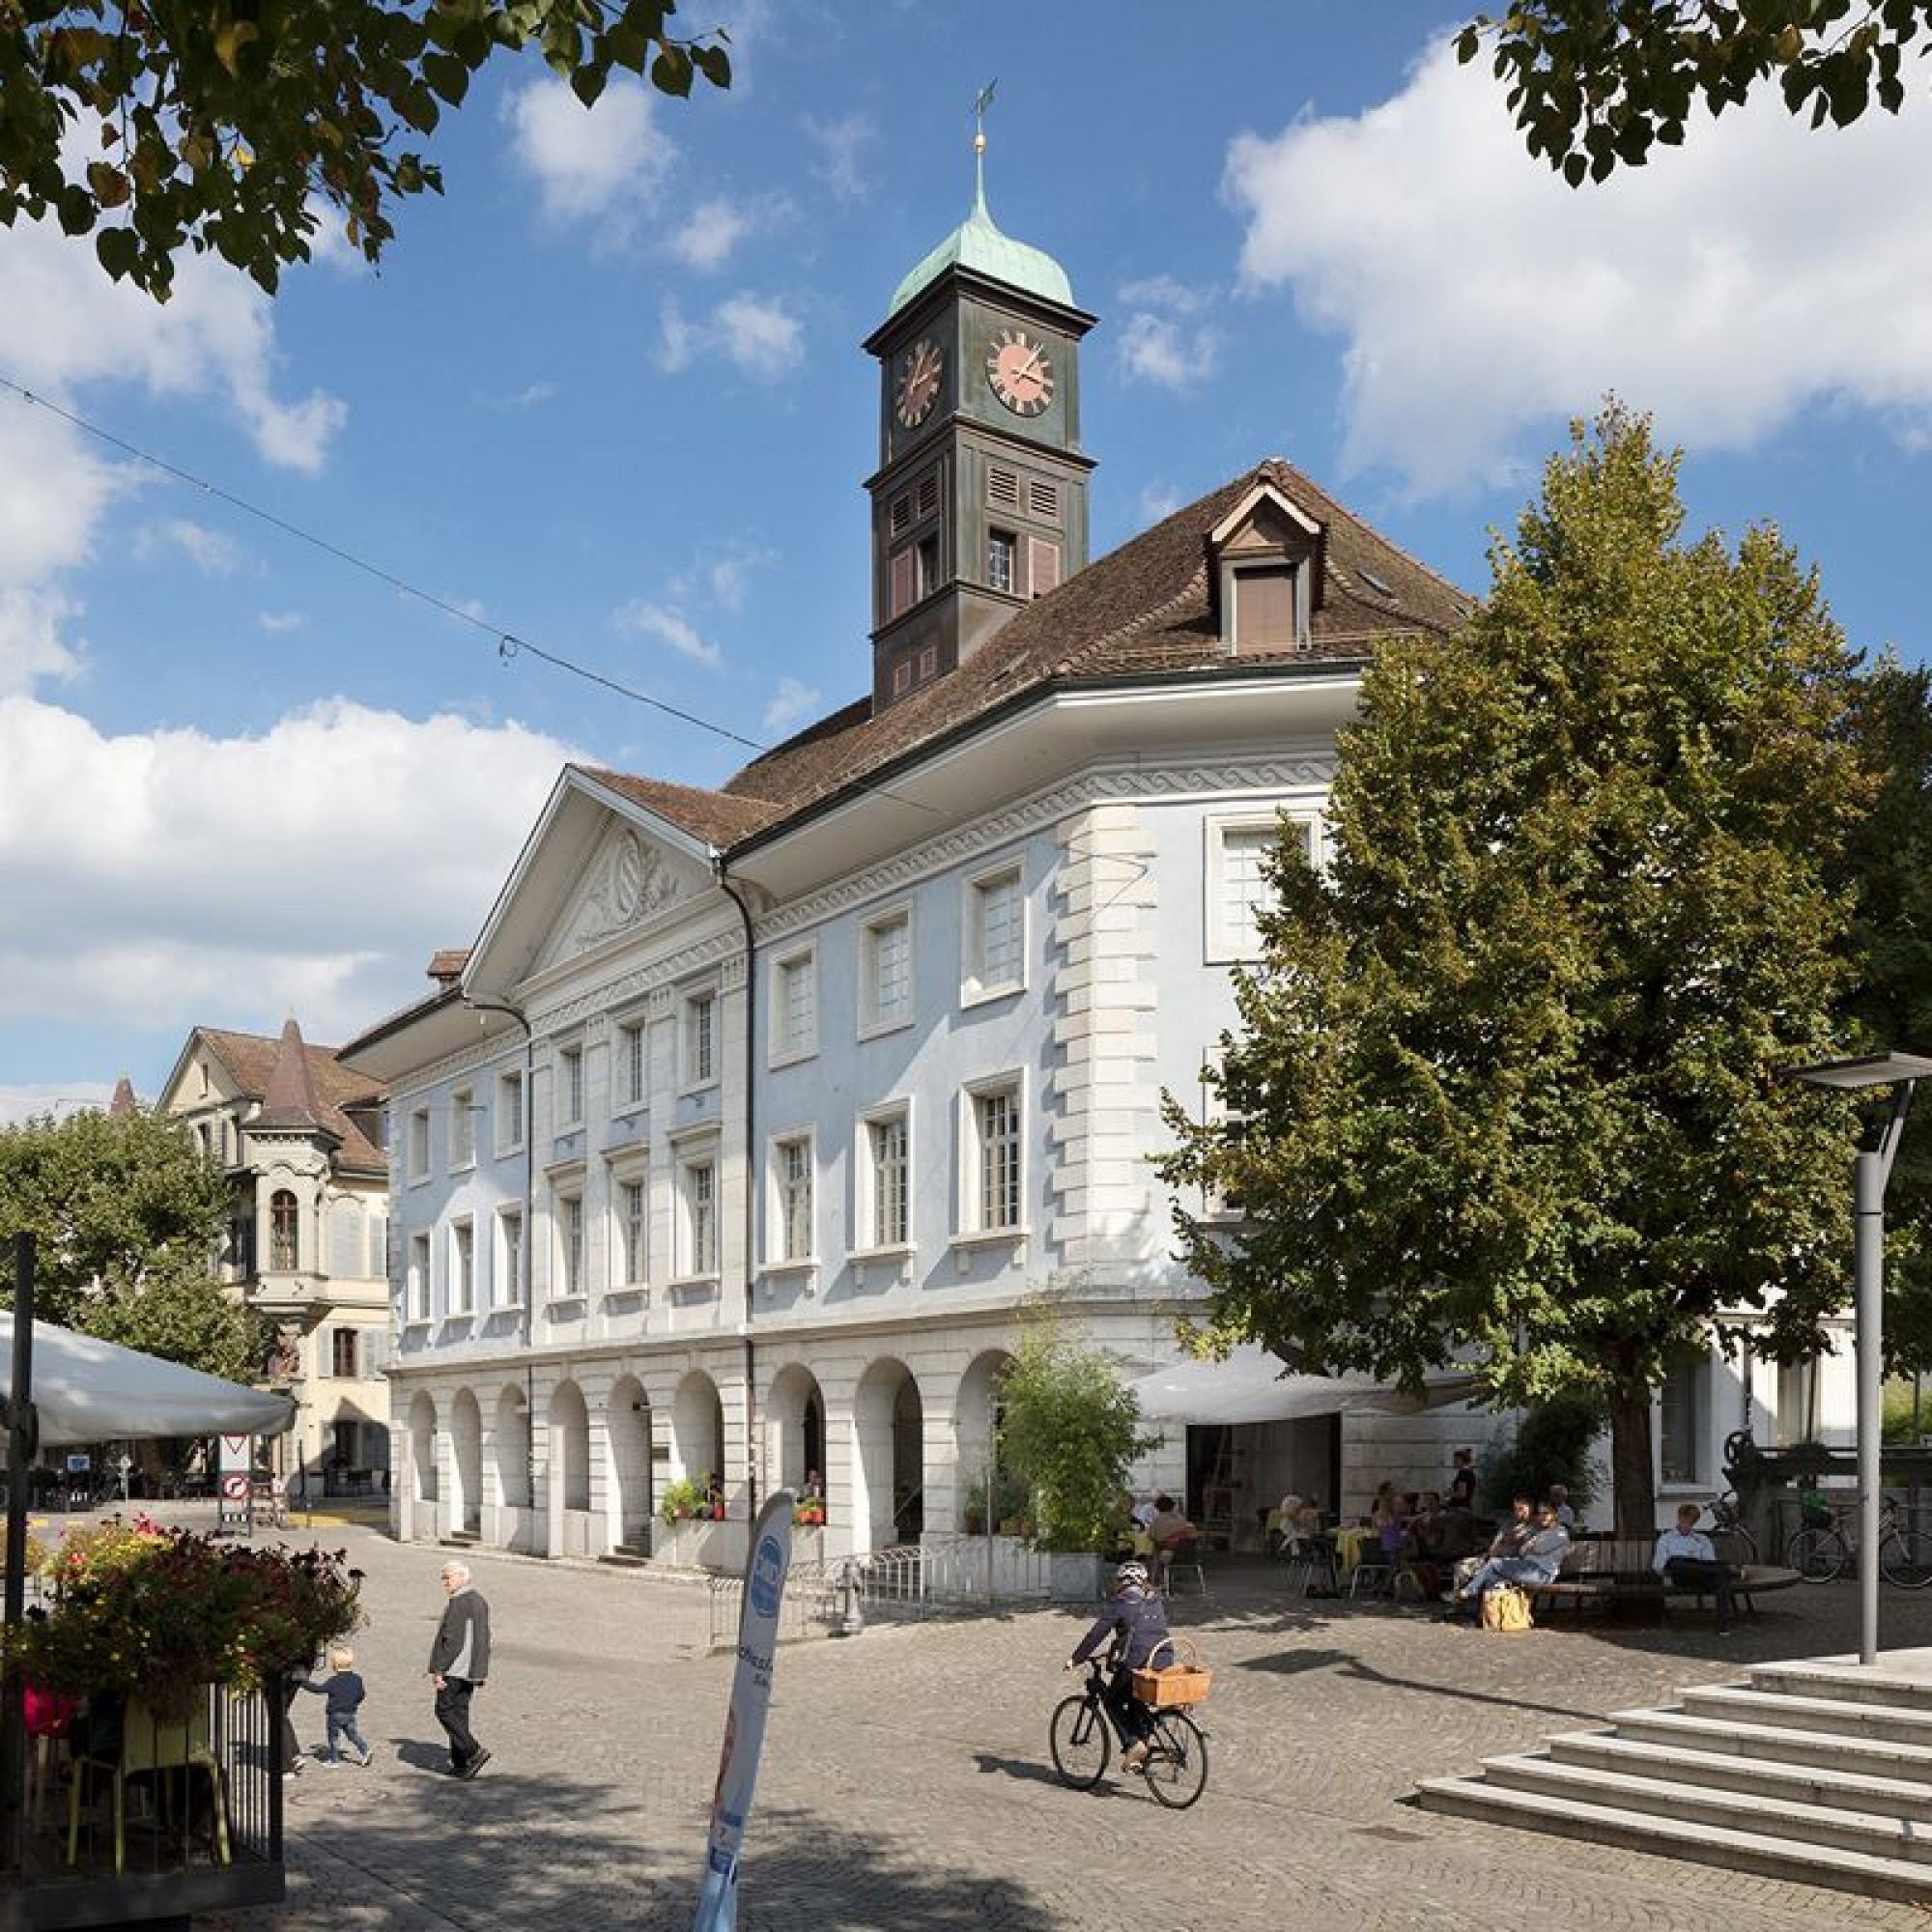 Der Bau des Kaufhauses leitete am Ende des 18. Jahrhunderts in Langenthal den Wandel vom Dorf zum Städtchen ein.